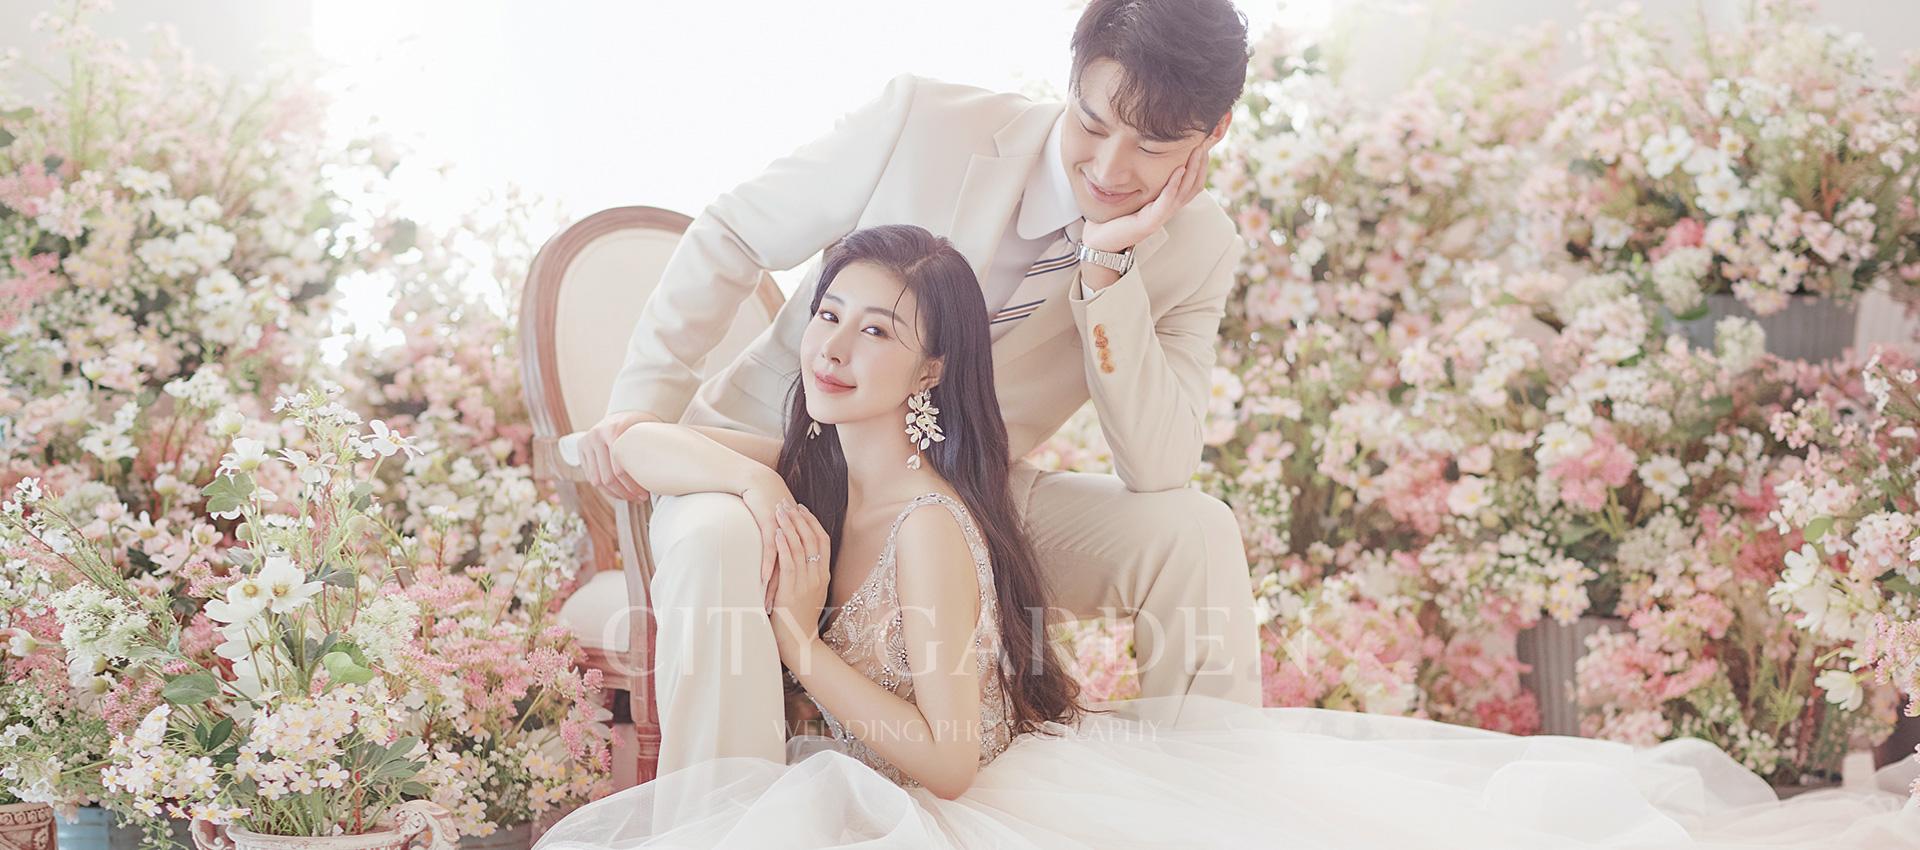 韩式肖像婚纱照